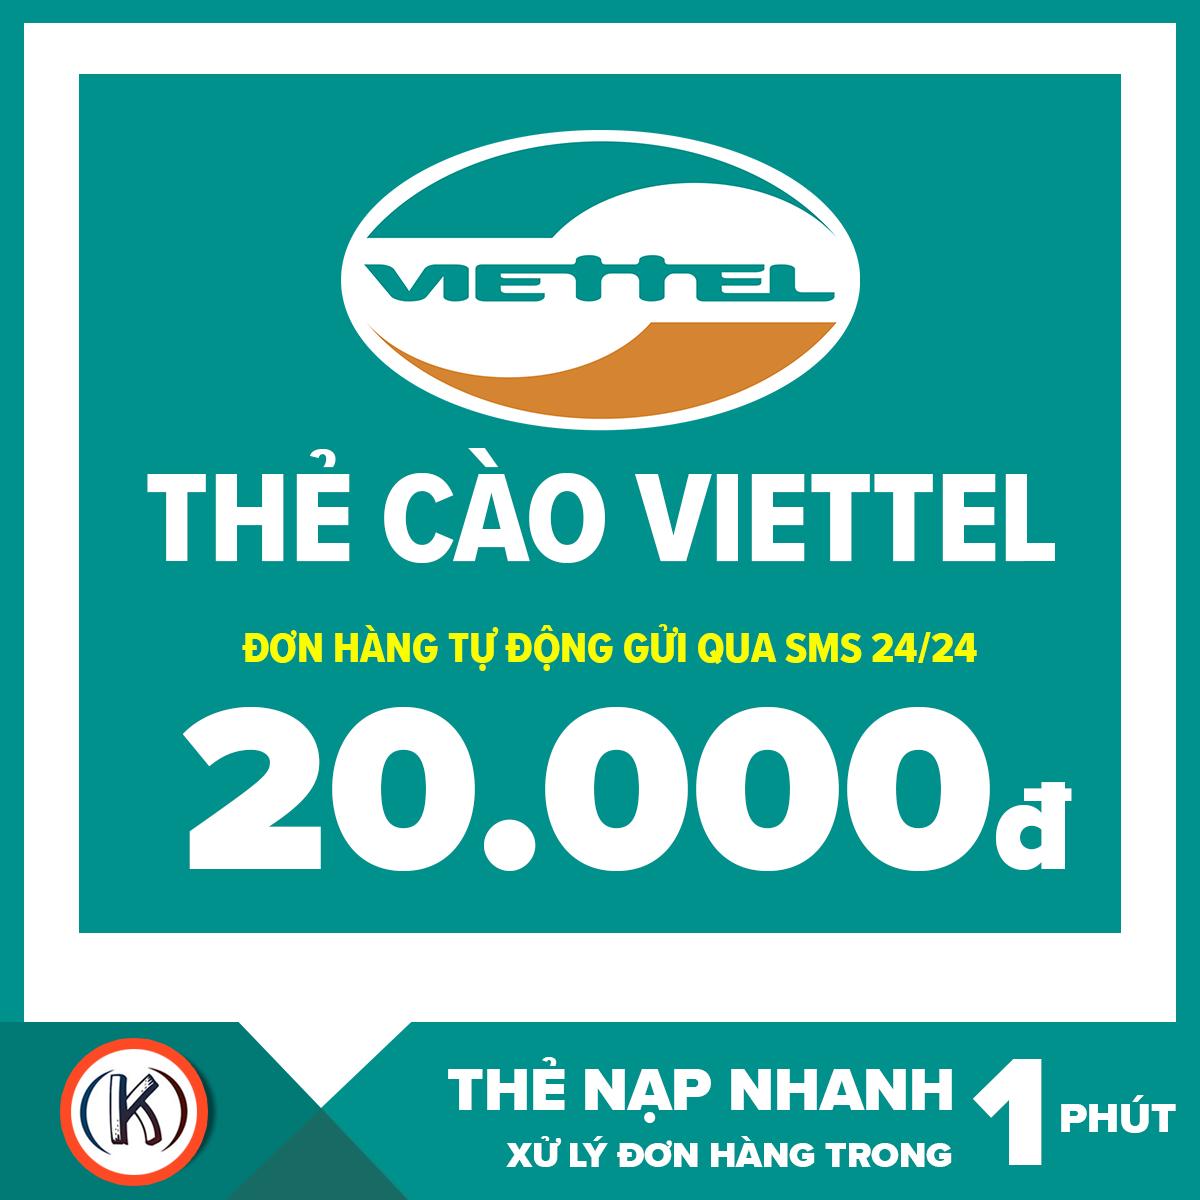 Thẻ cào viettel 20.000 đ (Đơn hàng tự động gửi qua Email 24/24)